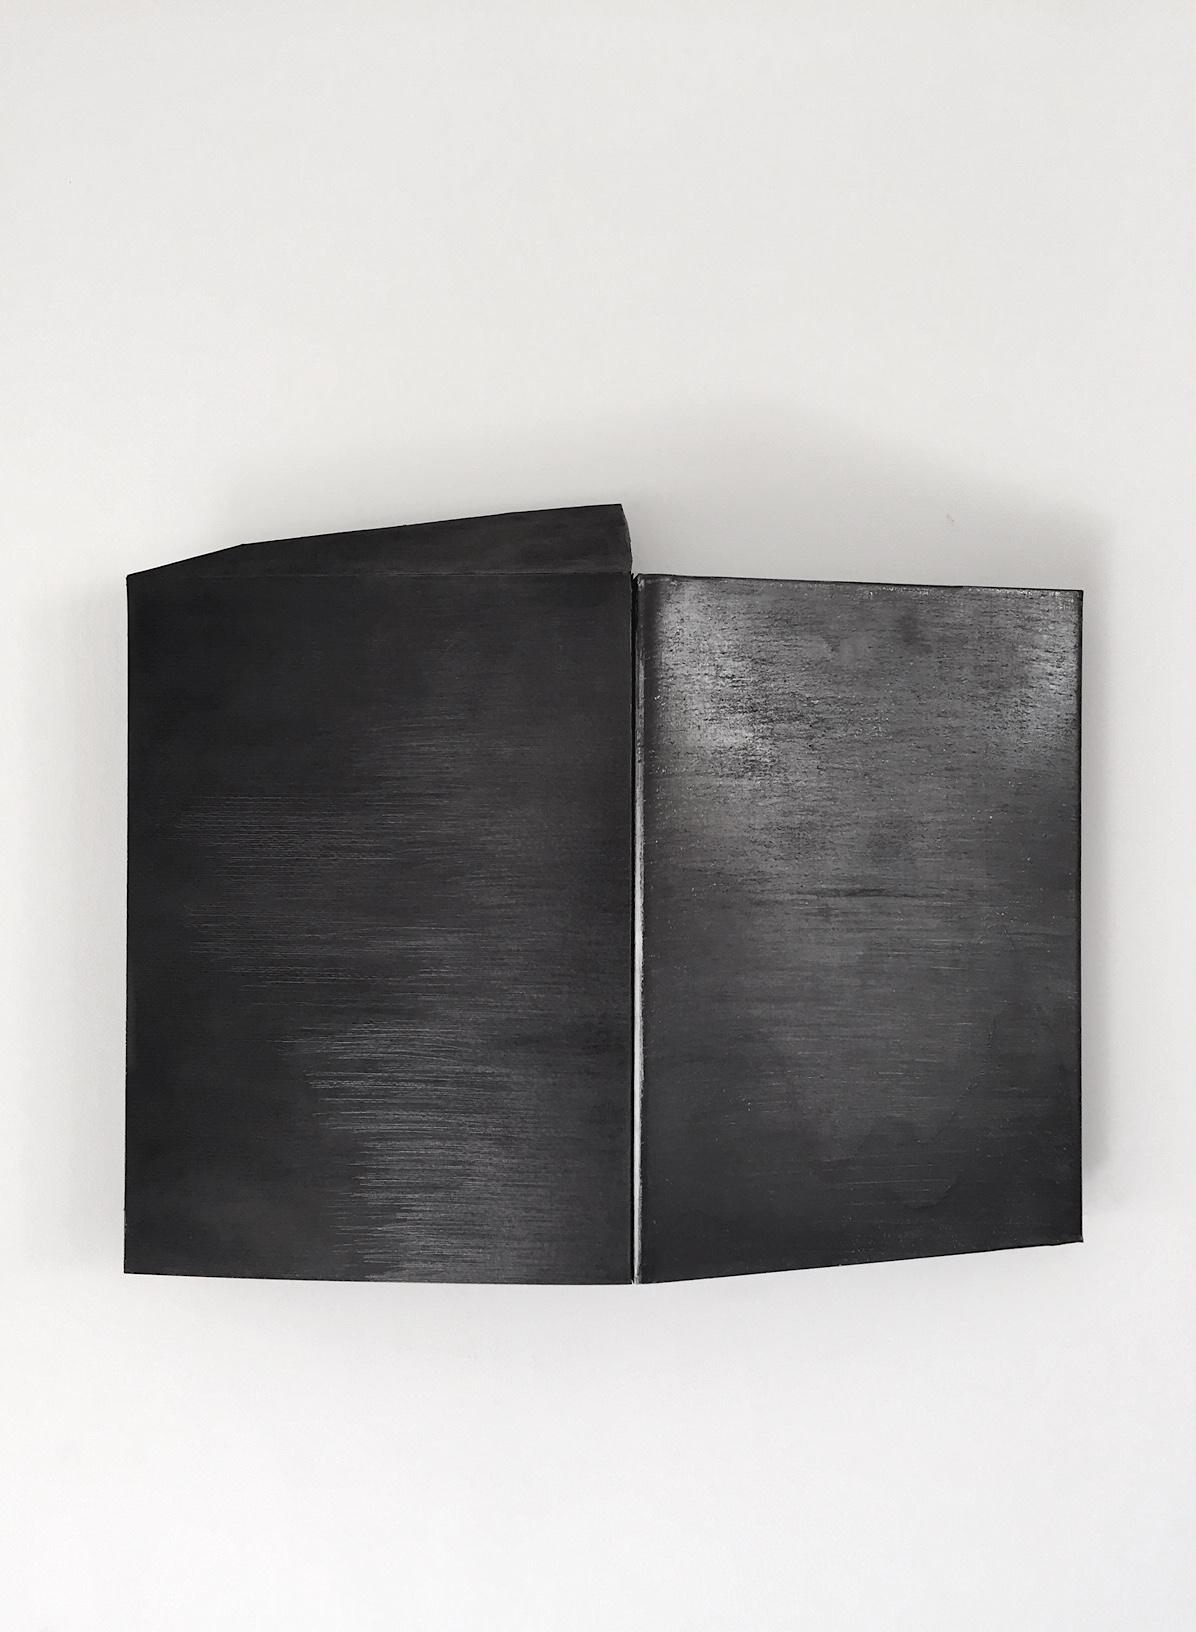 ENTRE EL DIAMANTE Y EL CARBON   Superficie de papel algodón 420g, hierro galvanizado, cubiertos de carbon y grafito. Medidas variables.  2015